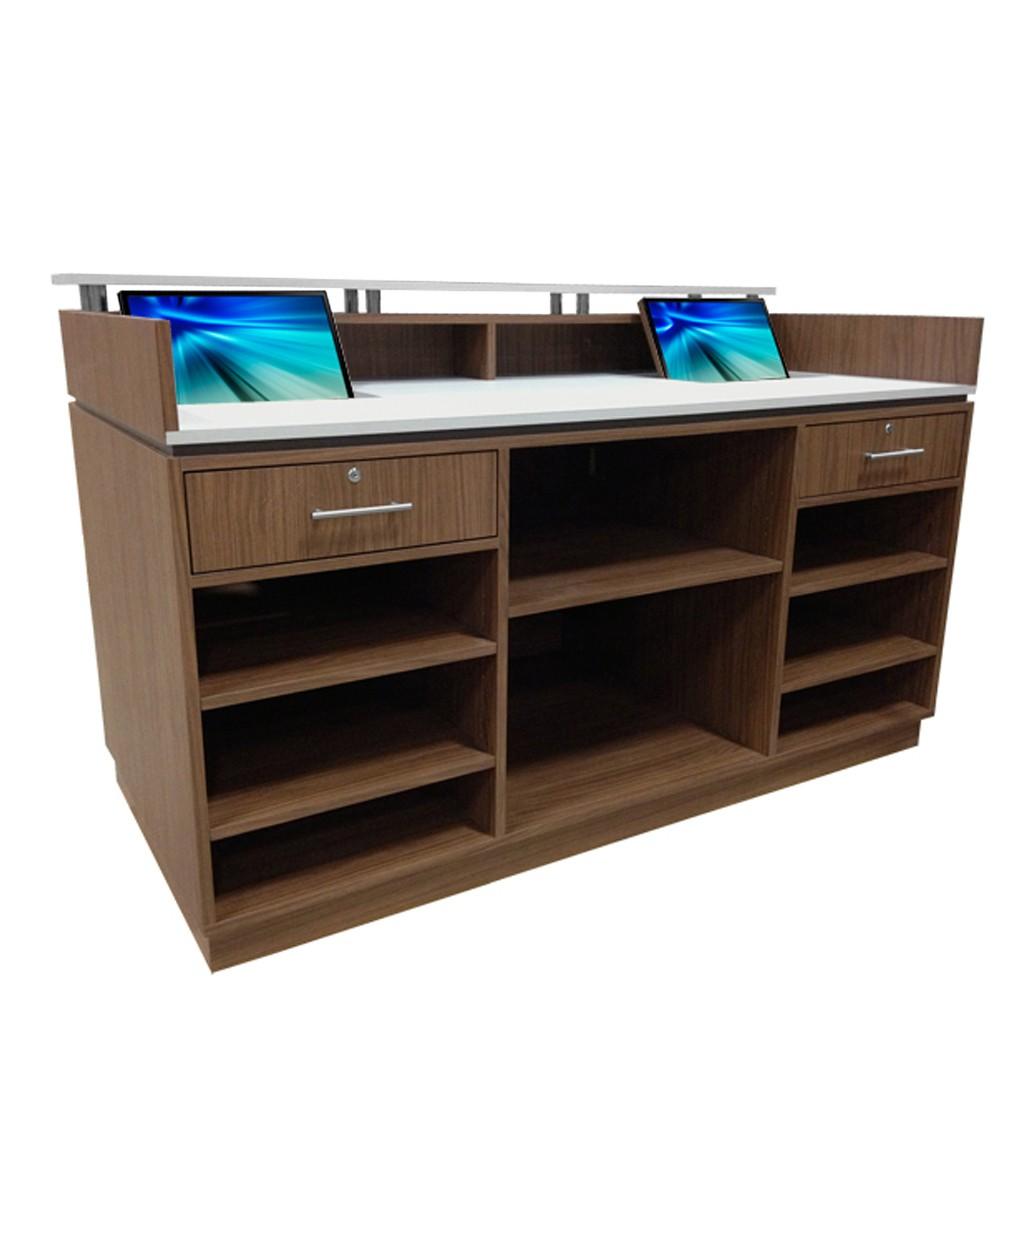 Collins 111203 SO Reception Desk